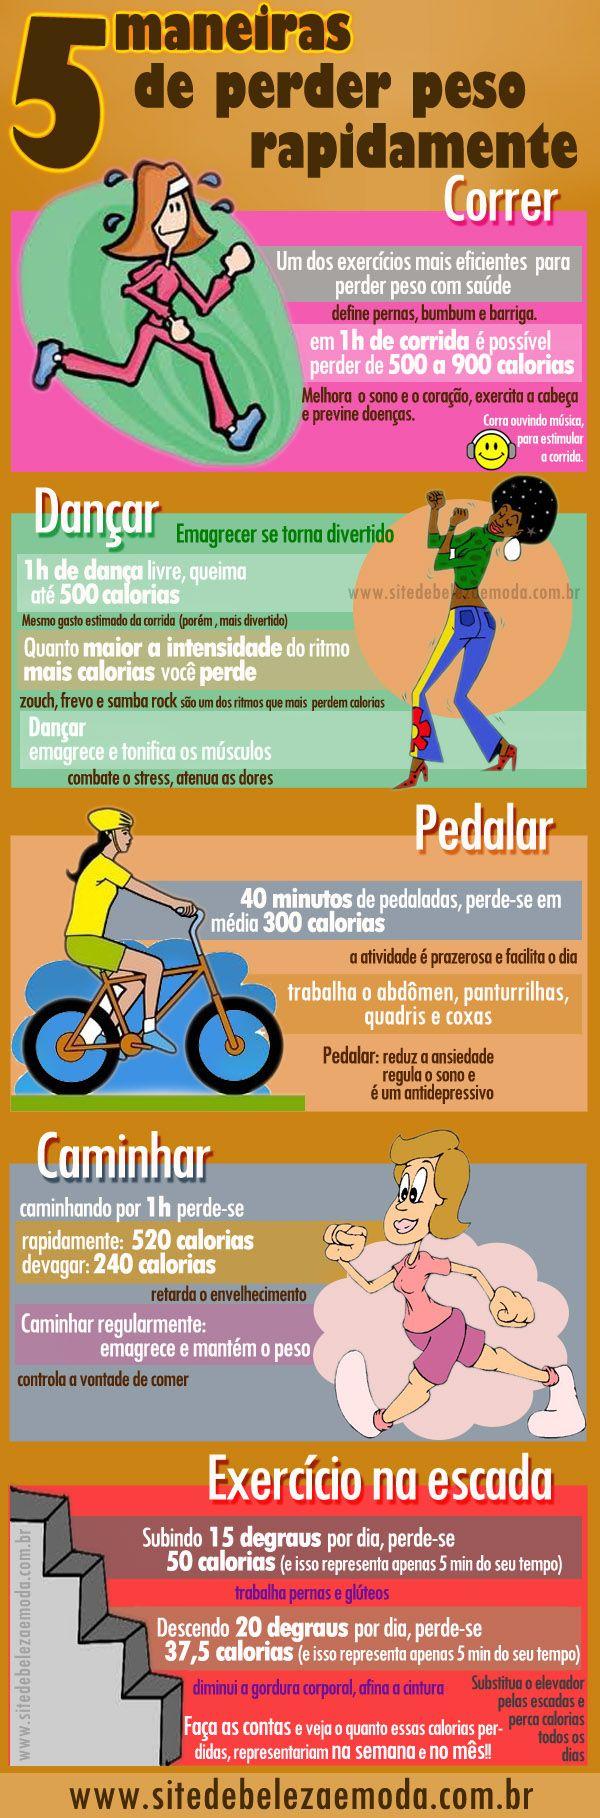 infografico 5 maneiras de perder peso rapidamente